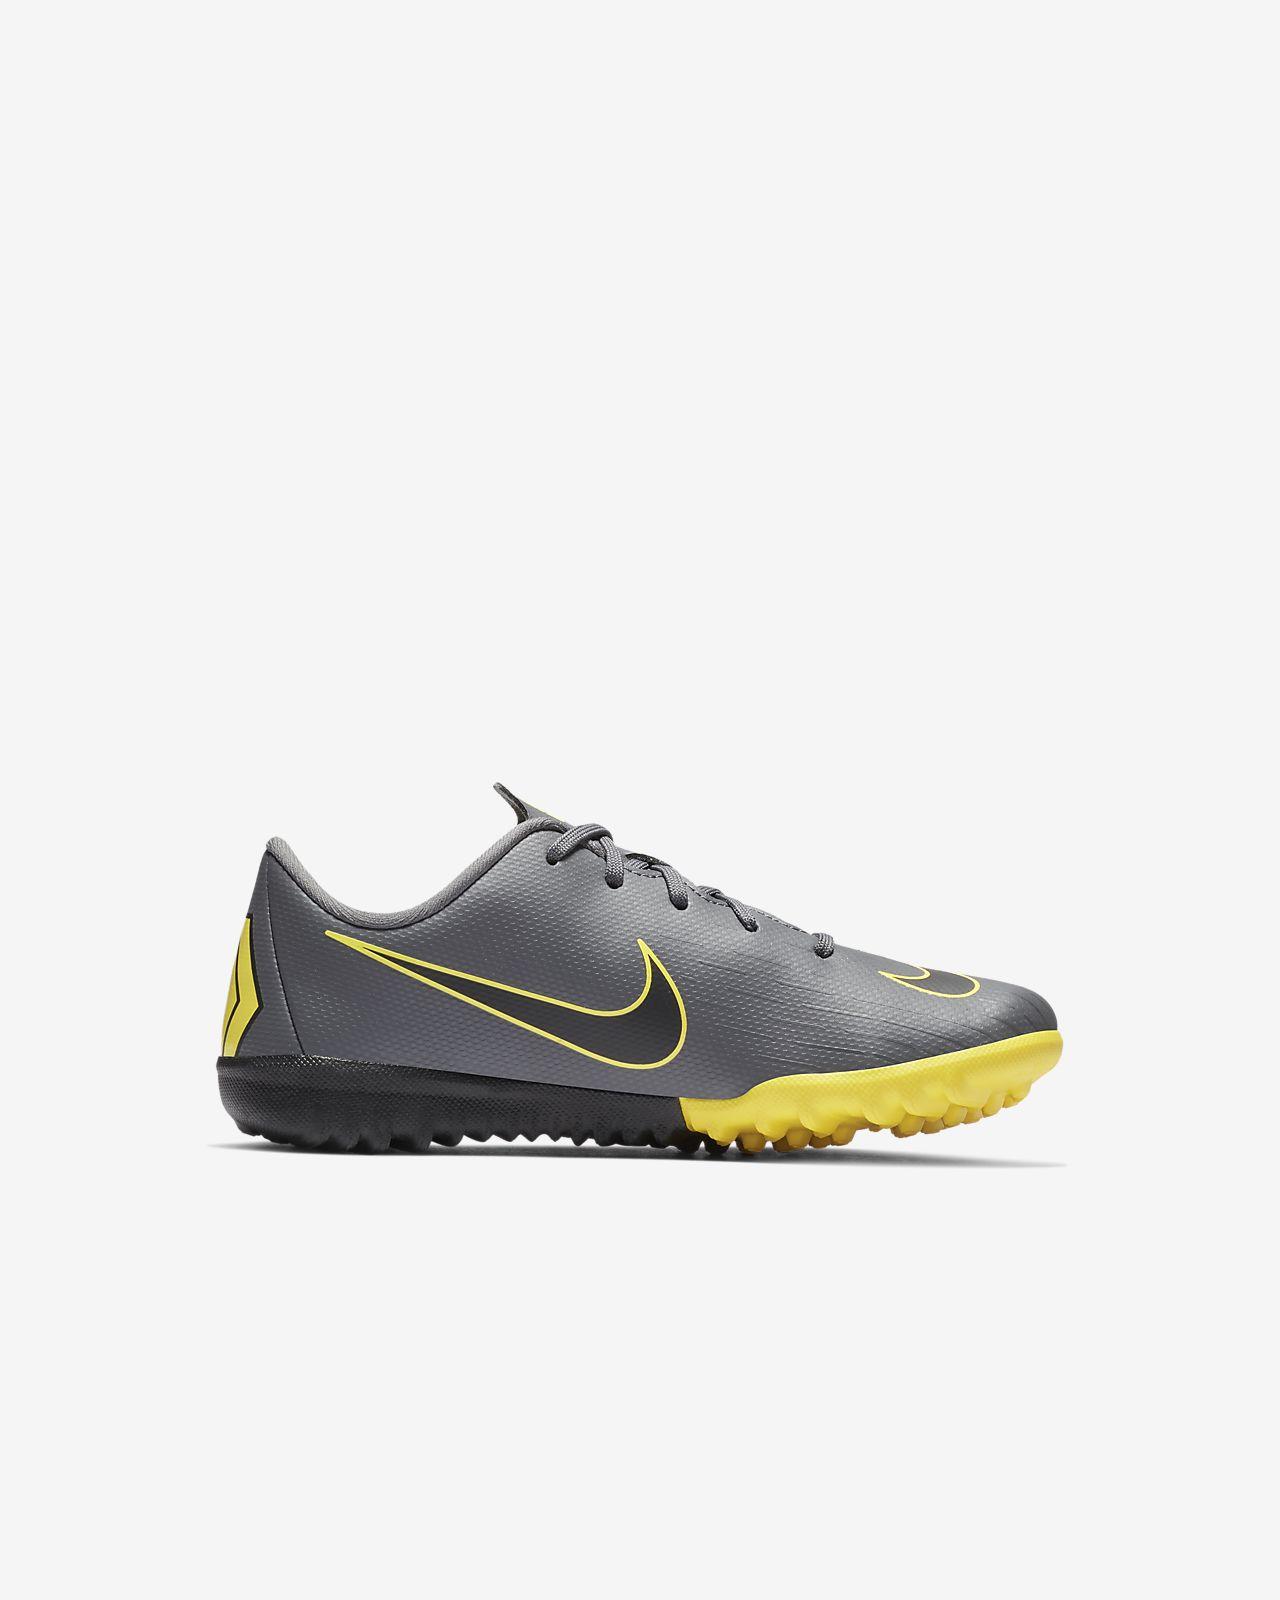 cca6862bf3e86 ... Nike Jr. MercurialX Vapor 12 Academy TF Botas de fútbol para moqueta -  Turf -